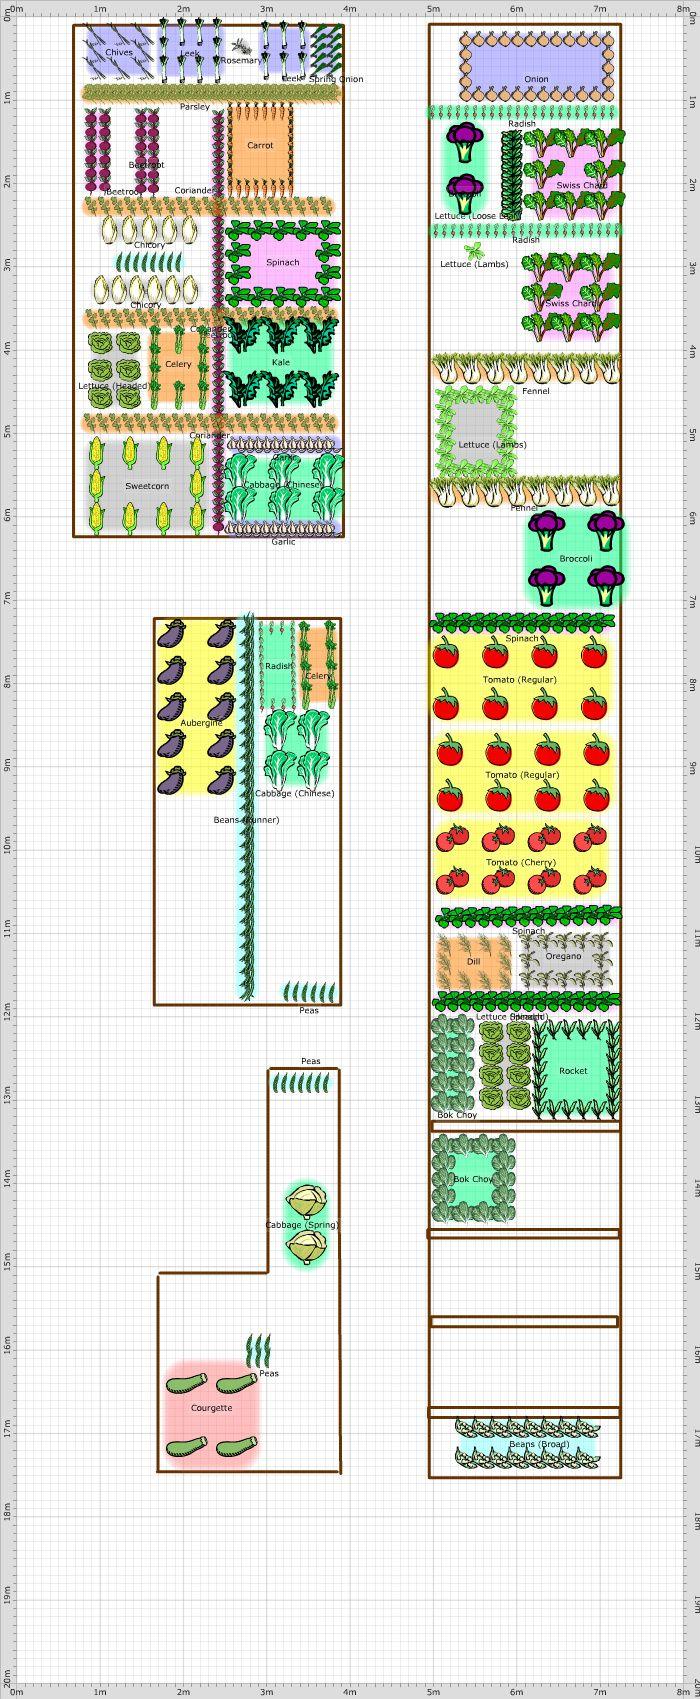 Garden plan 2012 sultanpur garden planning gardens for Planning a fruit and vegetable garden